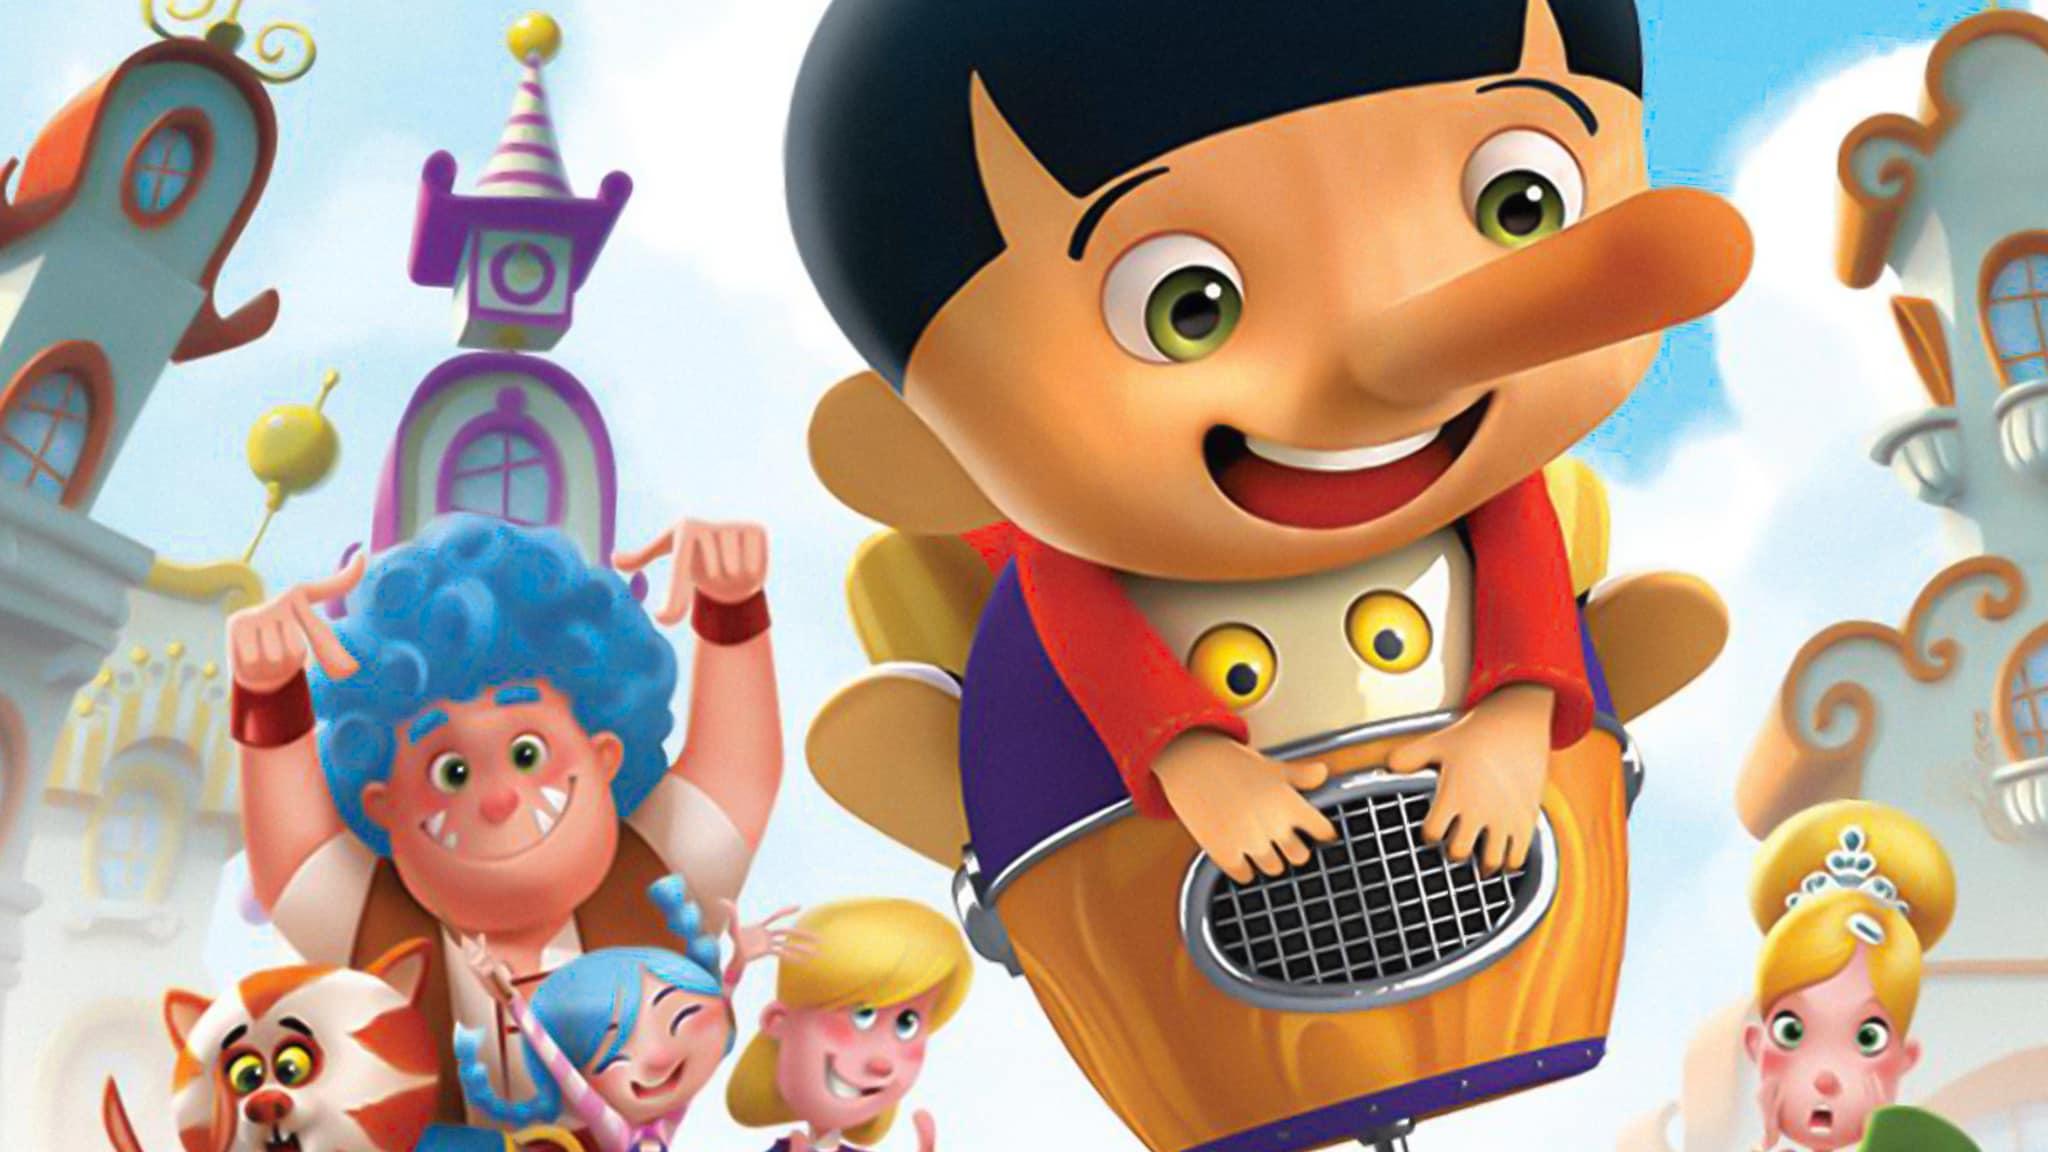 Rai Yoyo Il villaggio incantato di Pinocchio – S1E8 - I due Pinocchio